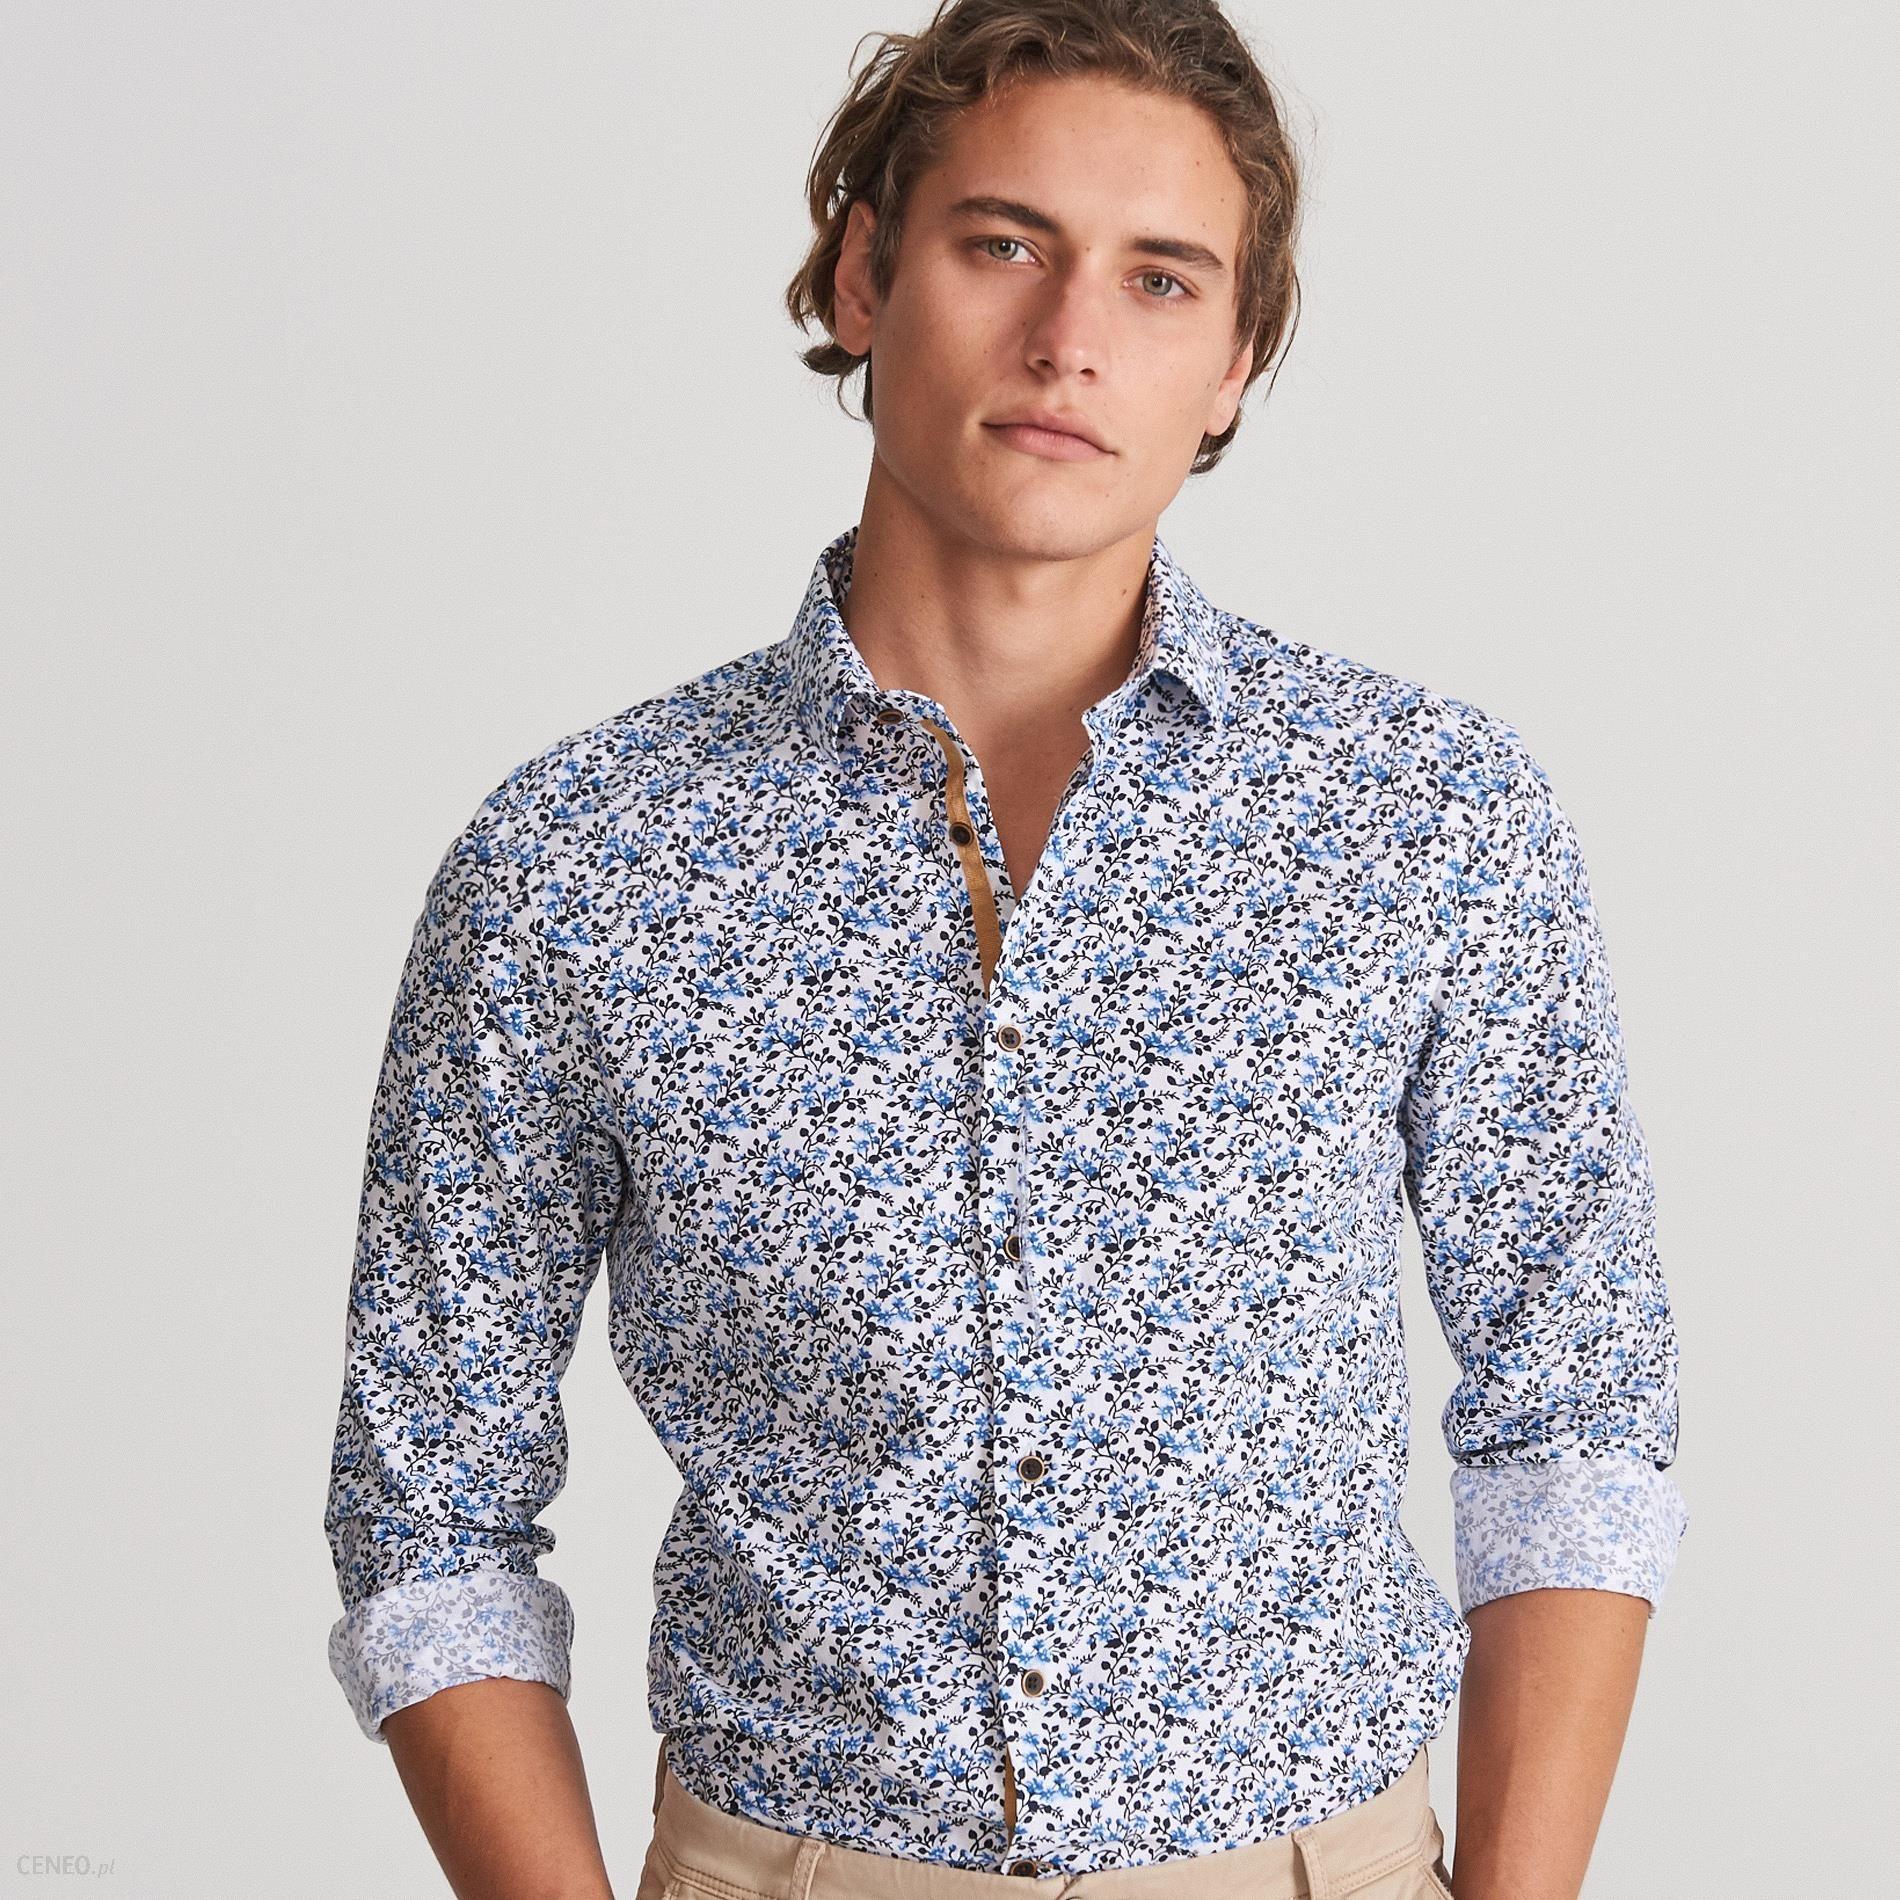 Reserved Koszula slim fit w drobne kwiaty Niebieski  WttaM